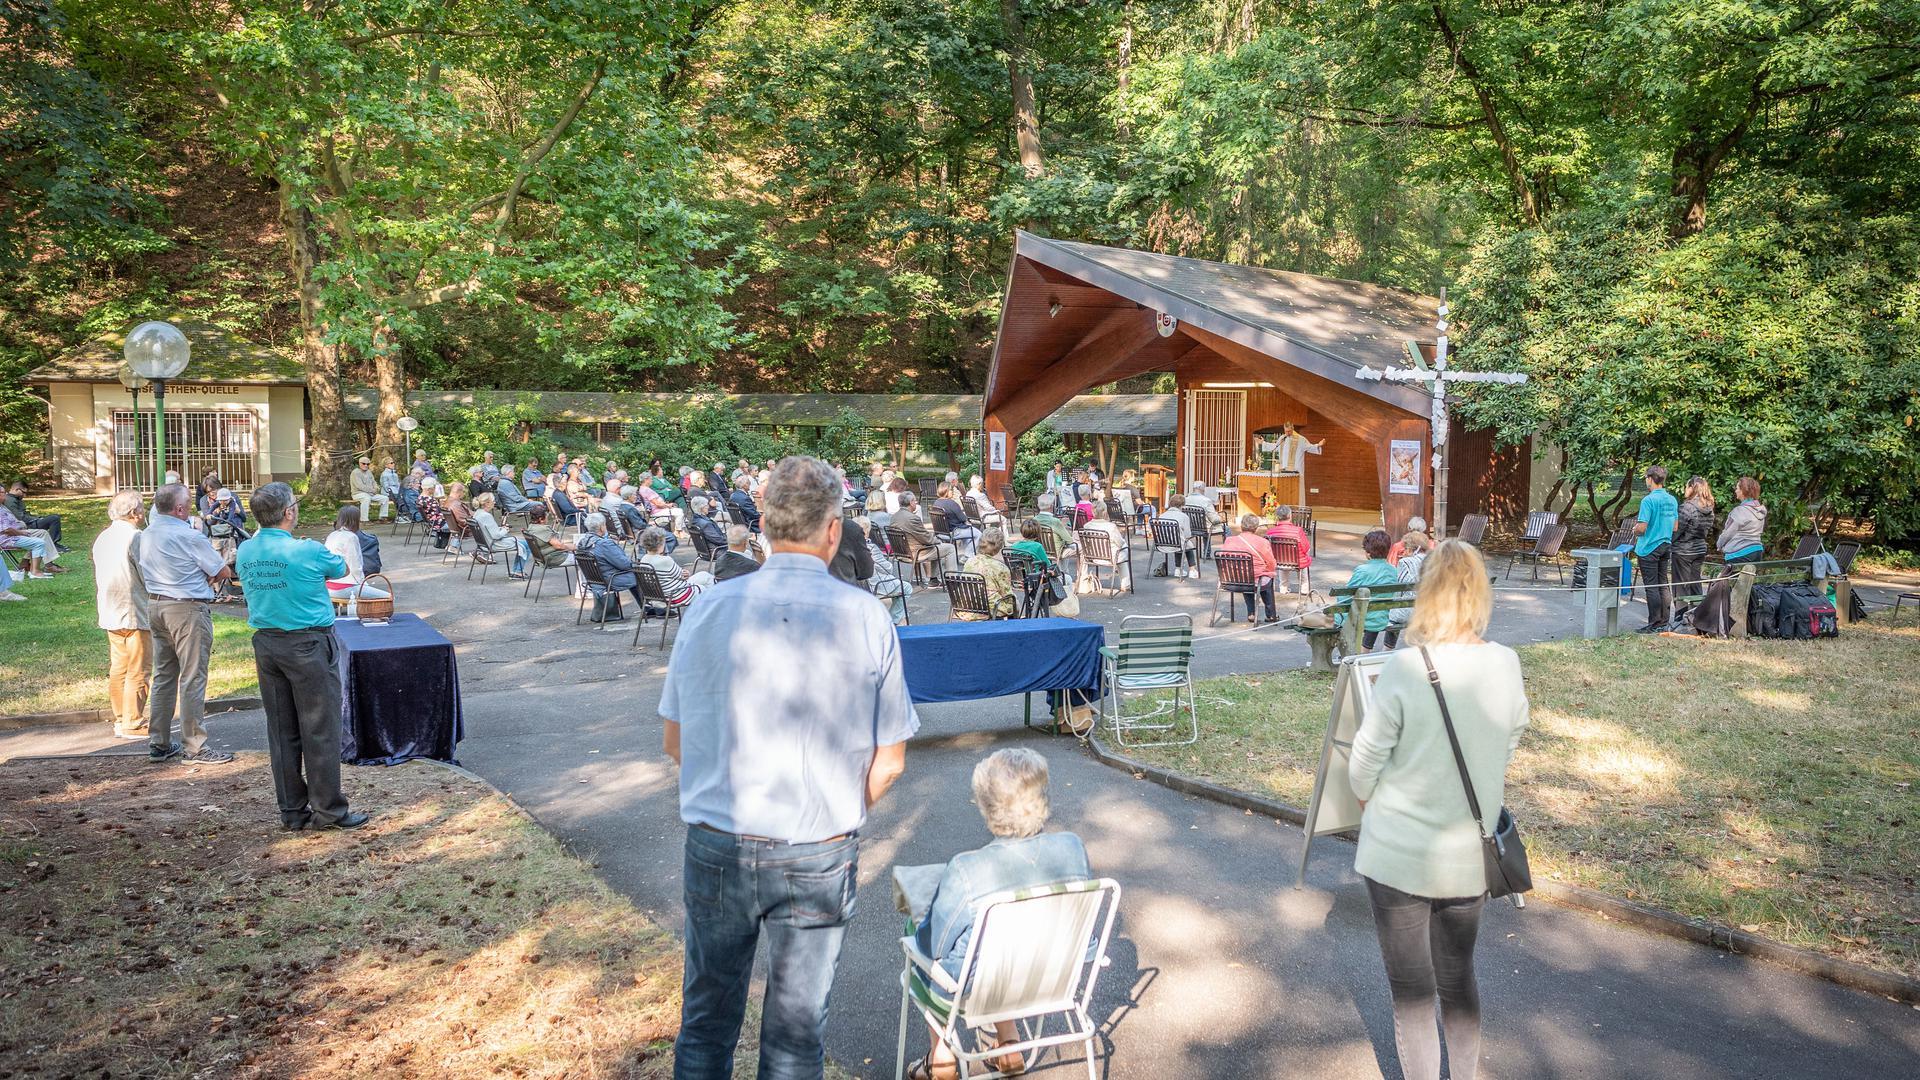 Kurparkgottesdienst Gaggenau Bad Rotenfels Konzertmuschel viele Besucher September 2020